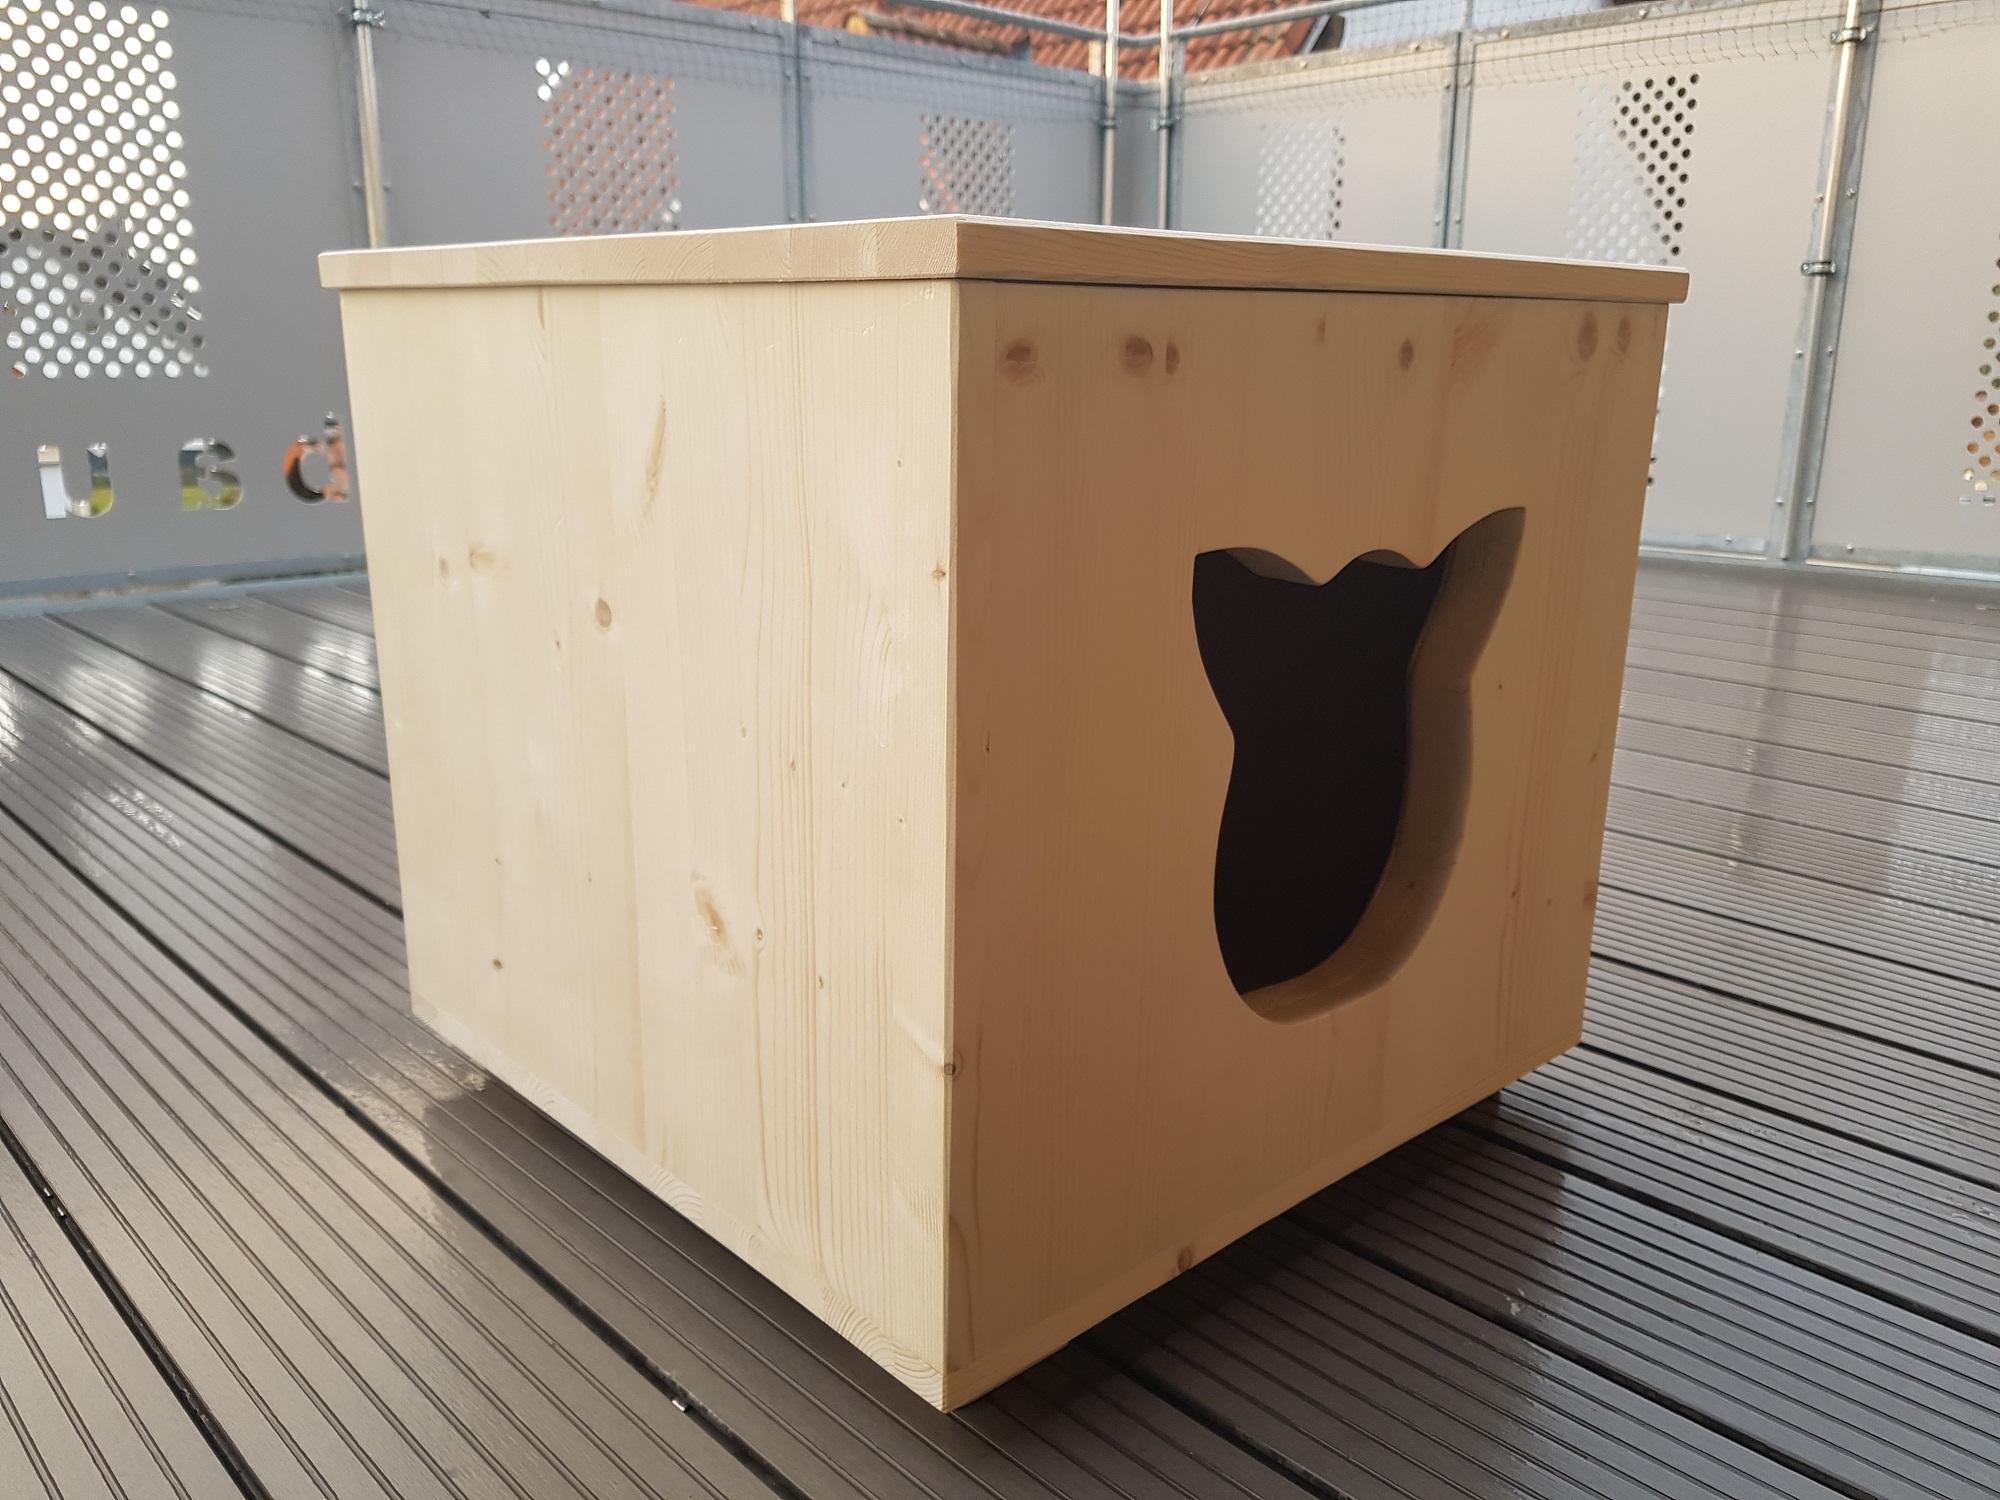 holzh hle katzenh hle schlafplatz f r katzen kratzbaumzubeh r. Black Bedroom Furniture Sets. Home Design Ideas